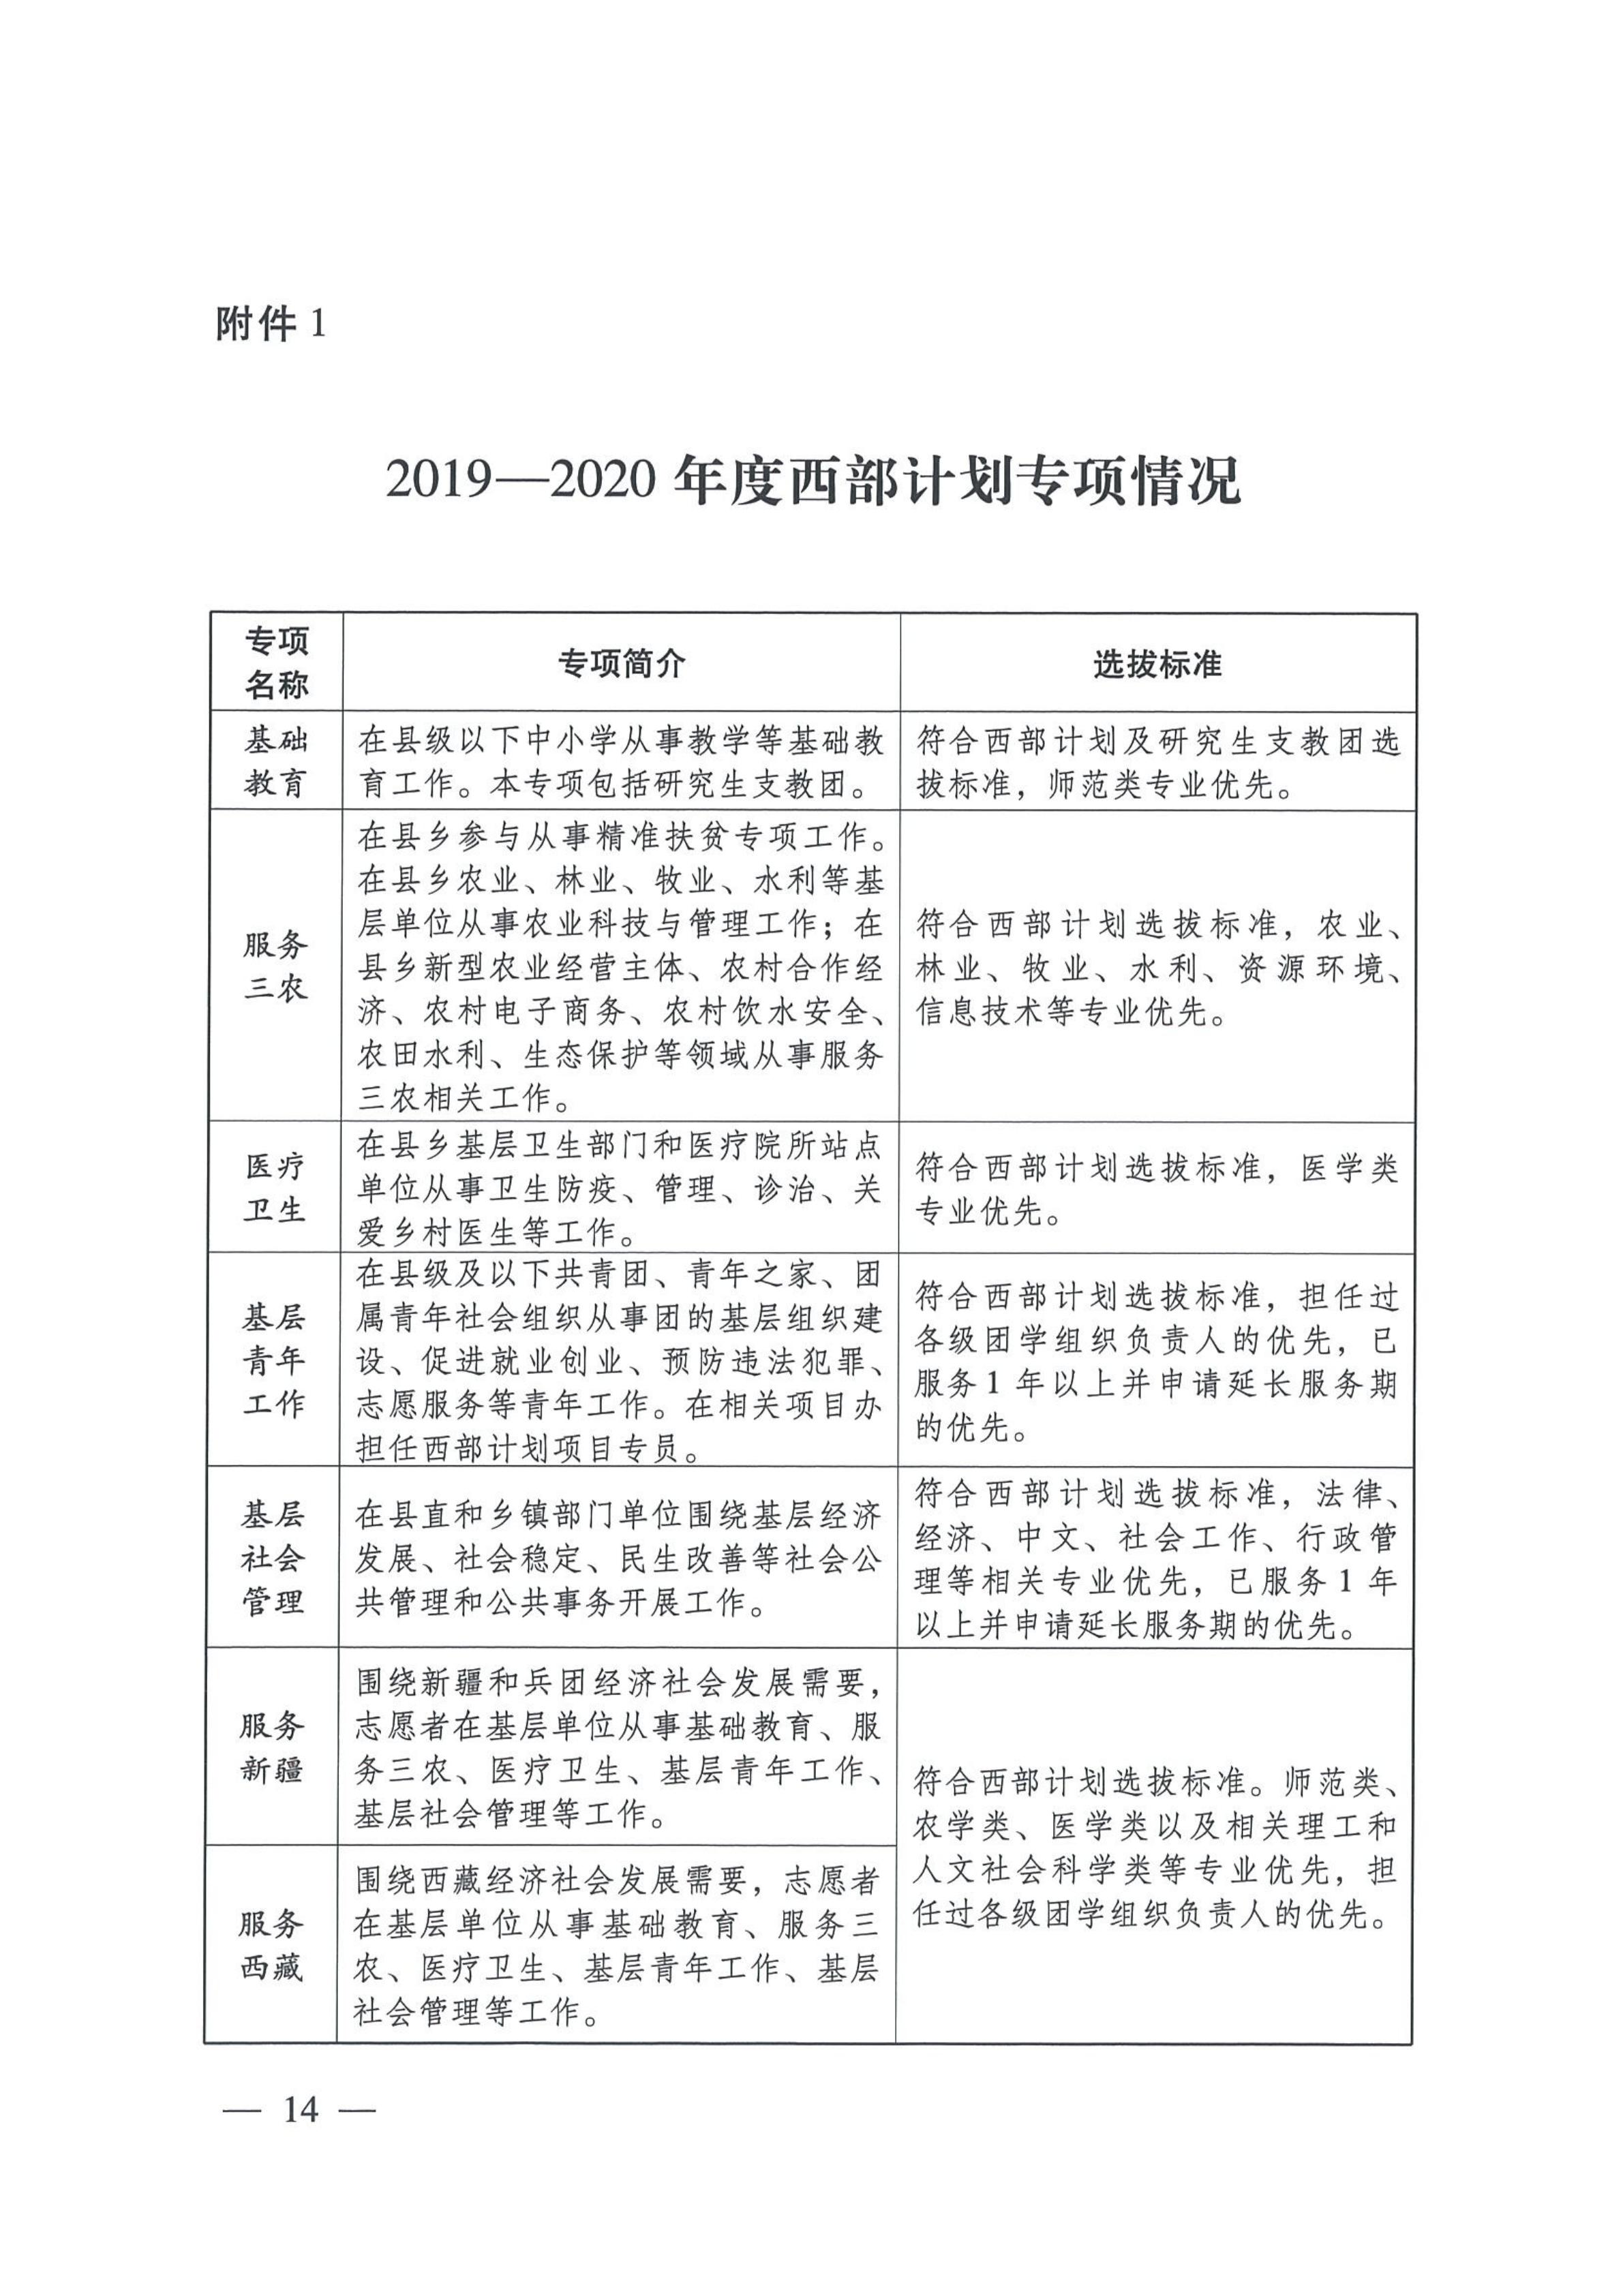 7-晋科院团[2019]7号-关于转发共青团中央《关于印发2019-2020年度大学生志愿服务西部计划实施方案》的通知》的通知_14.png